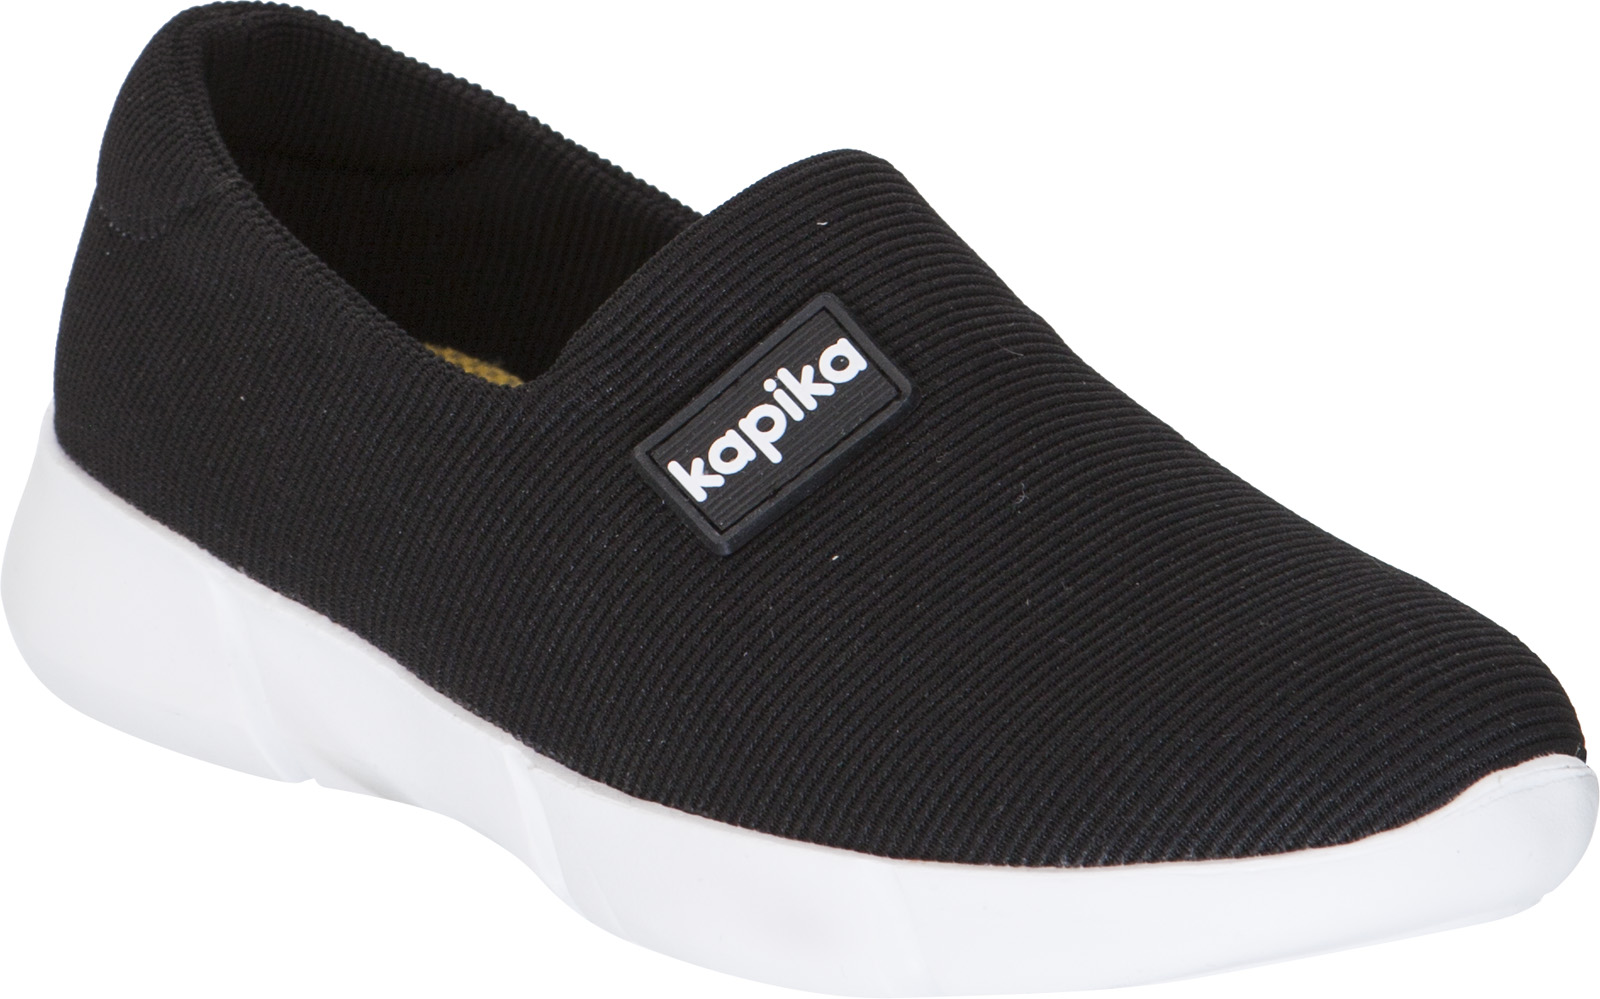 Кроссовки для девочки Kapika, цвет: черный. 73276-5. Размер 3373276-5